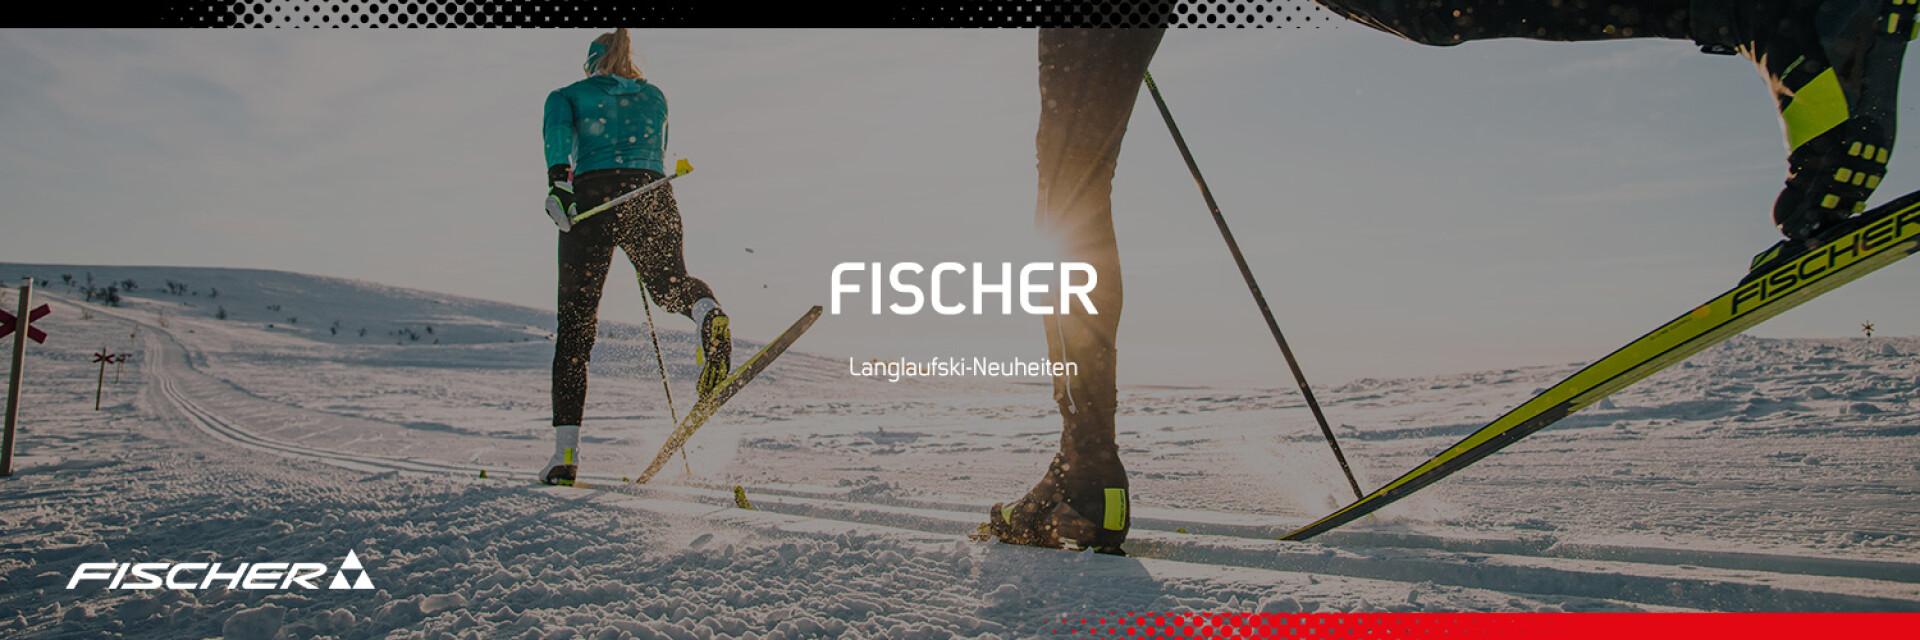 Fischer Langlauf bei SPORT 2000